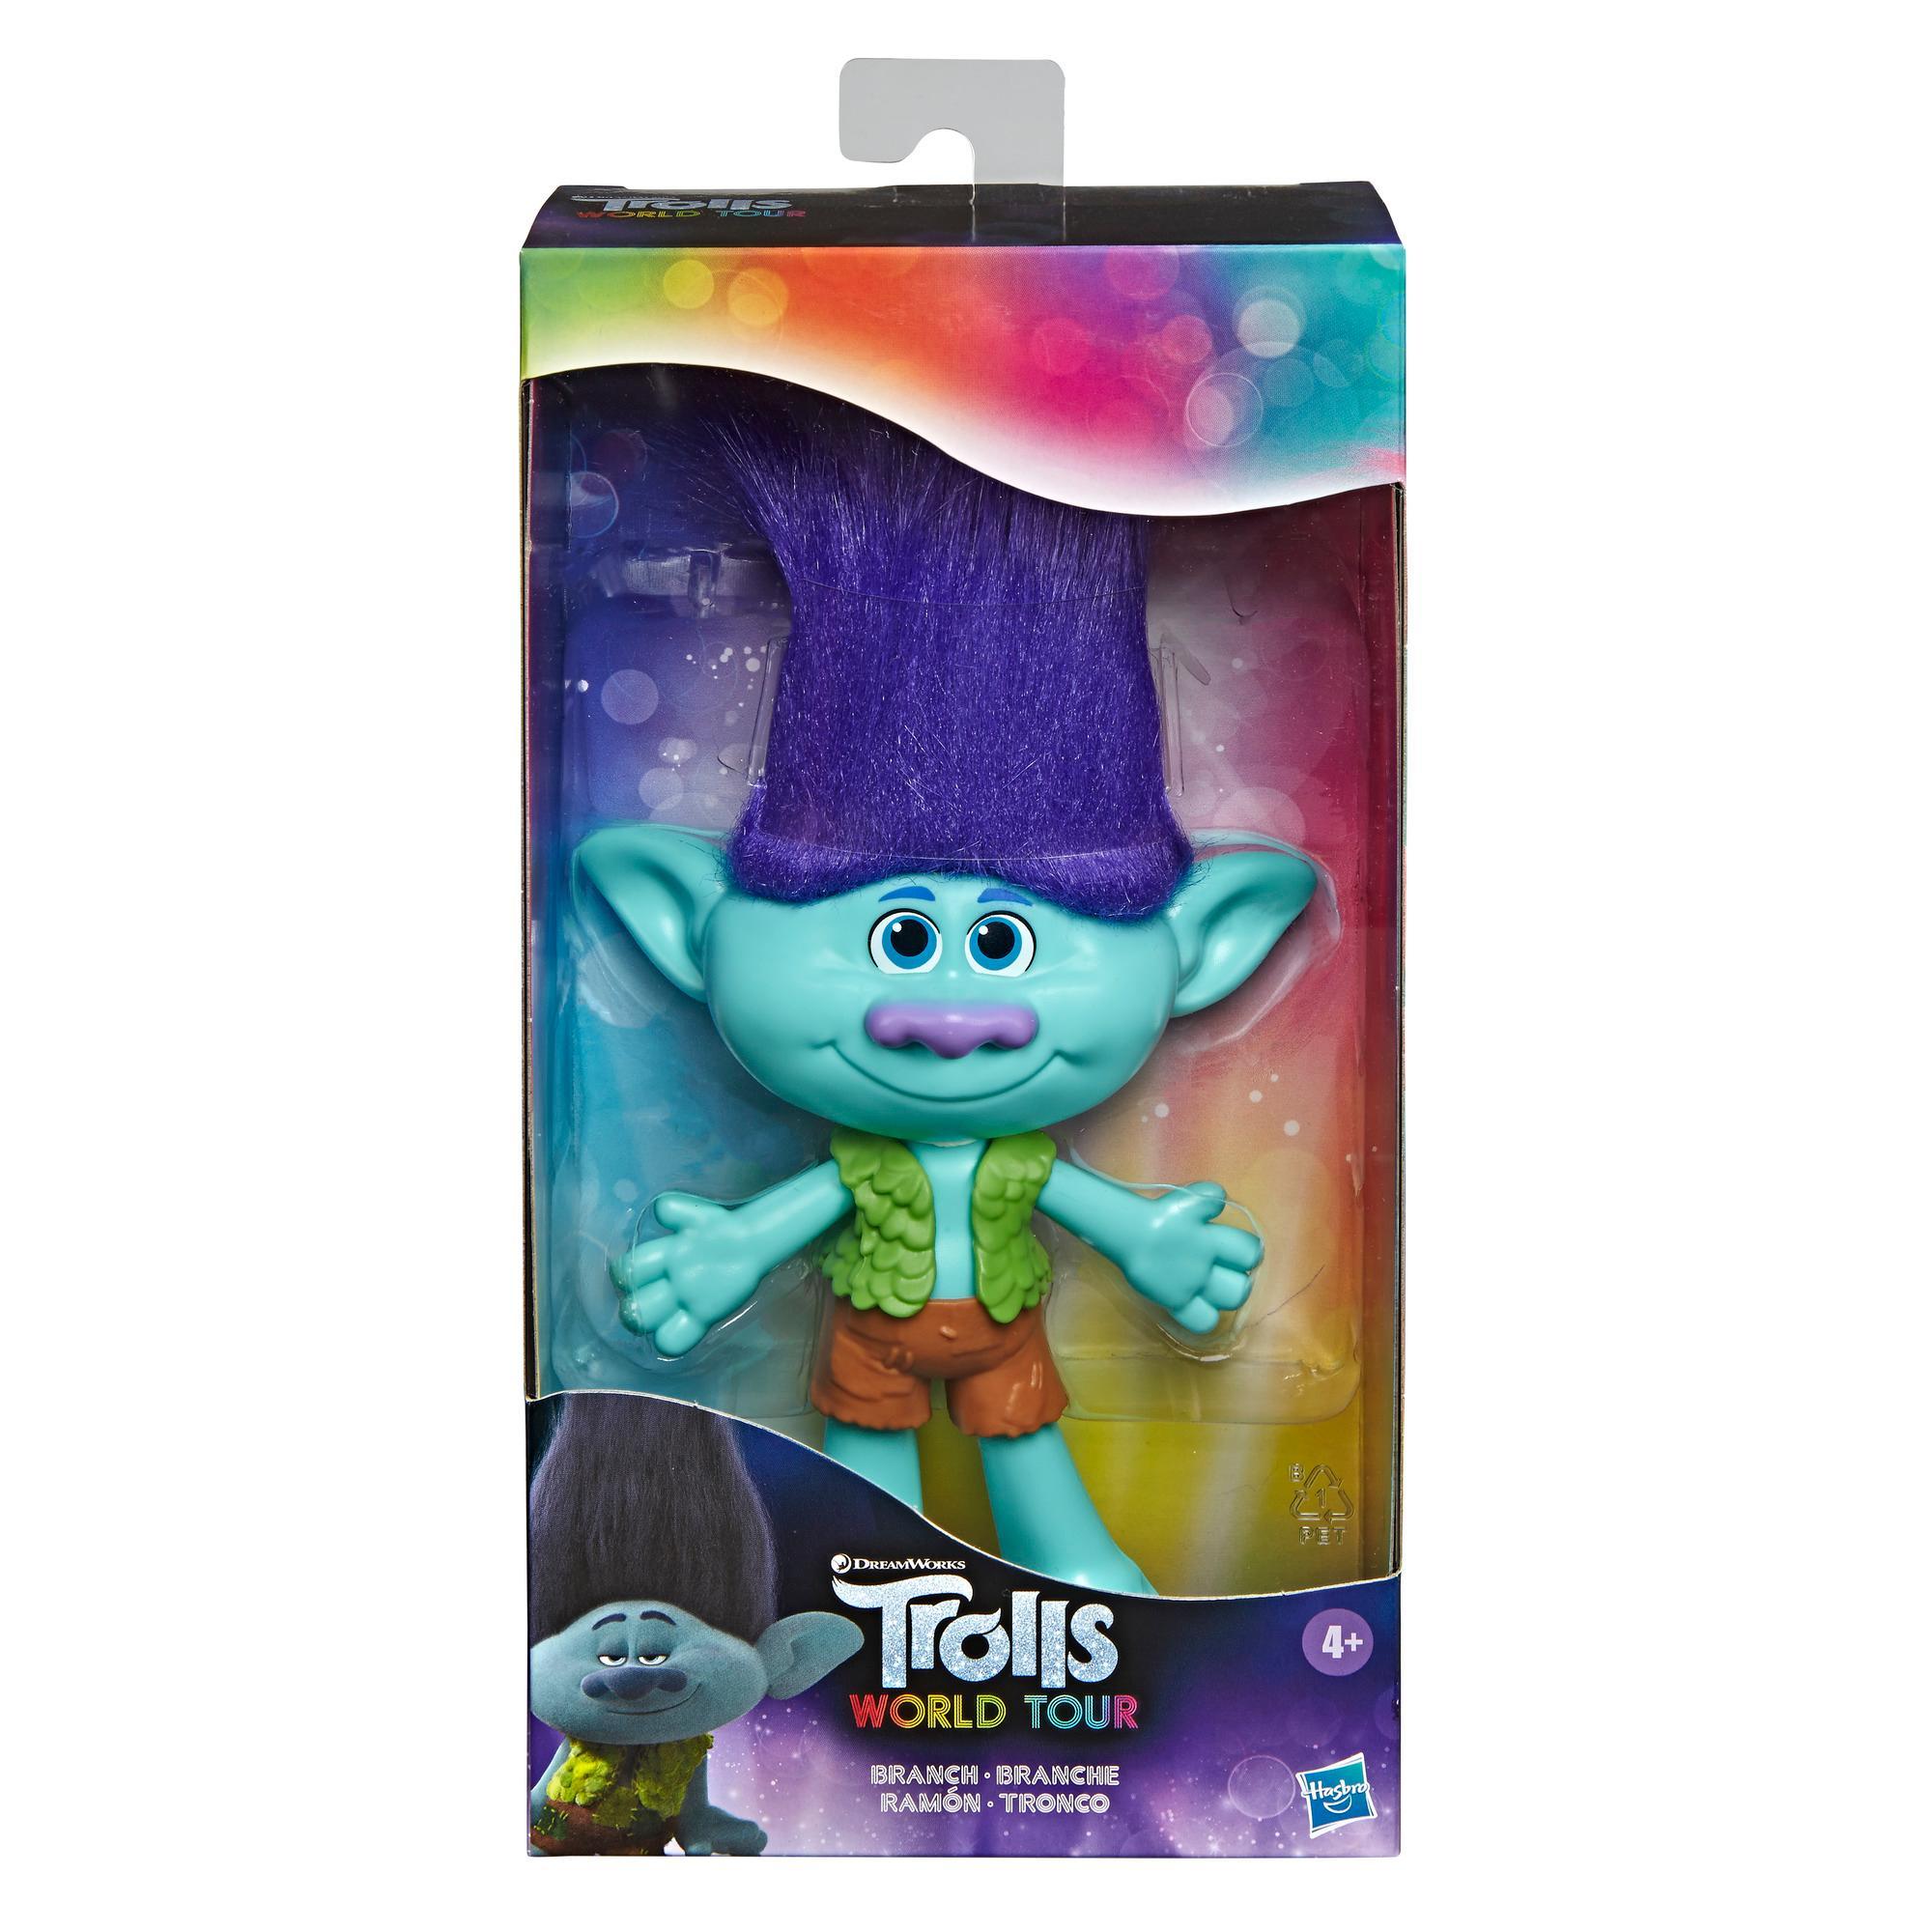 DreamWorks Trolls - Figura de Ramón con chaleco y pantalones cortos removibles, inspirada en la película Trolls: World Tour - Juguete para niños y niñas de 4 años en adelante